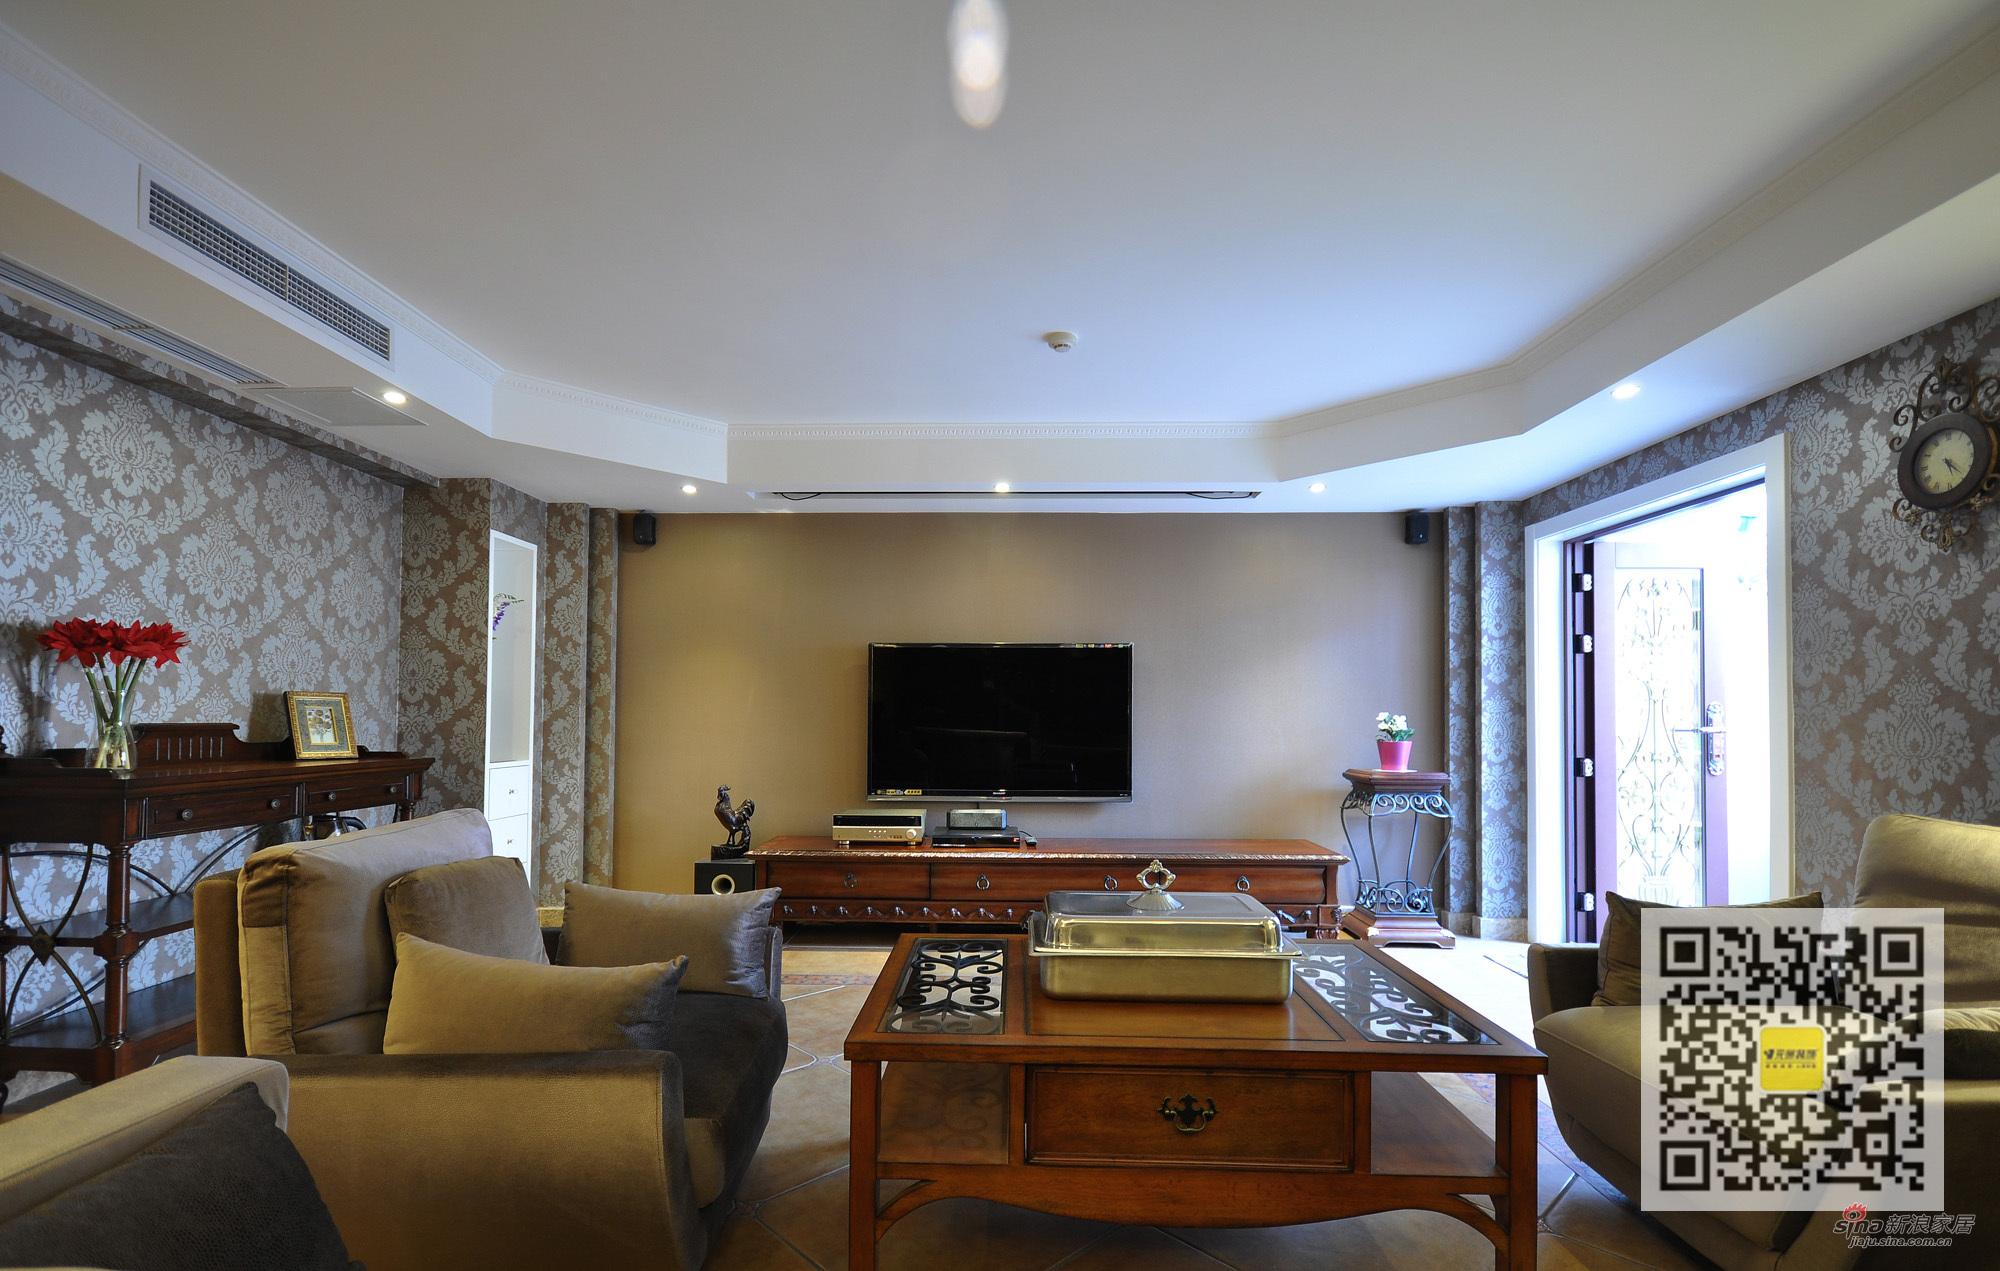 欧式 别墅 客厅图片来自用户2746948411在燕西台欧式新古典别墅装修设计31的分享